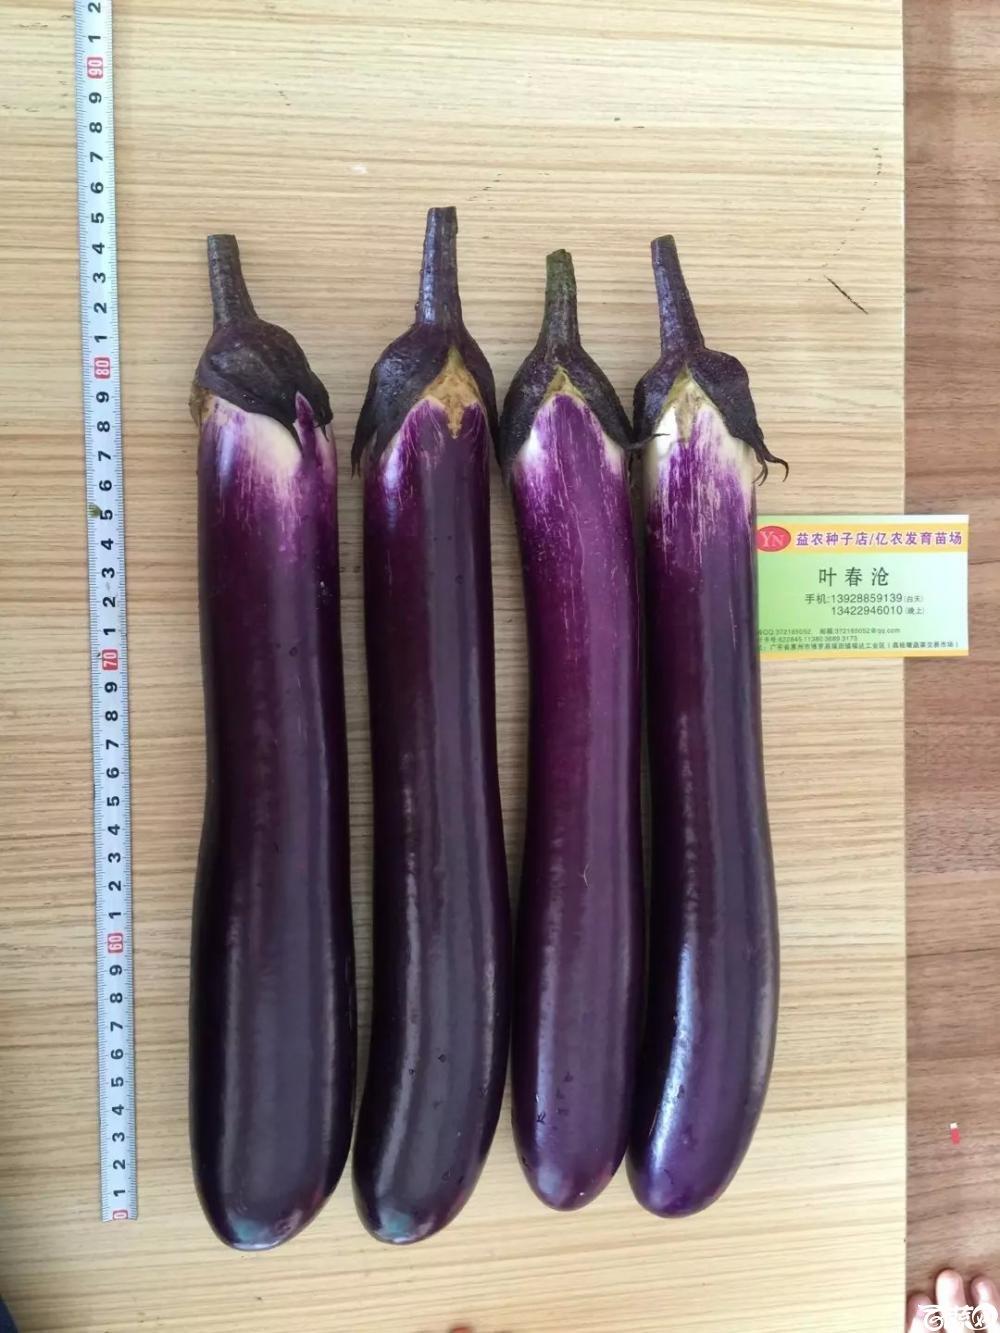 紫红长茄 2015-10-25_145.jpg